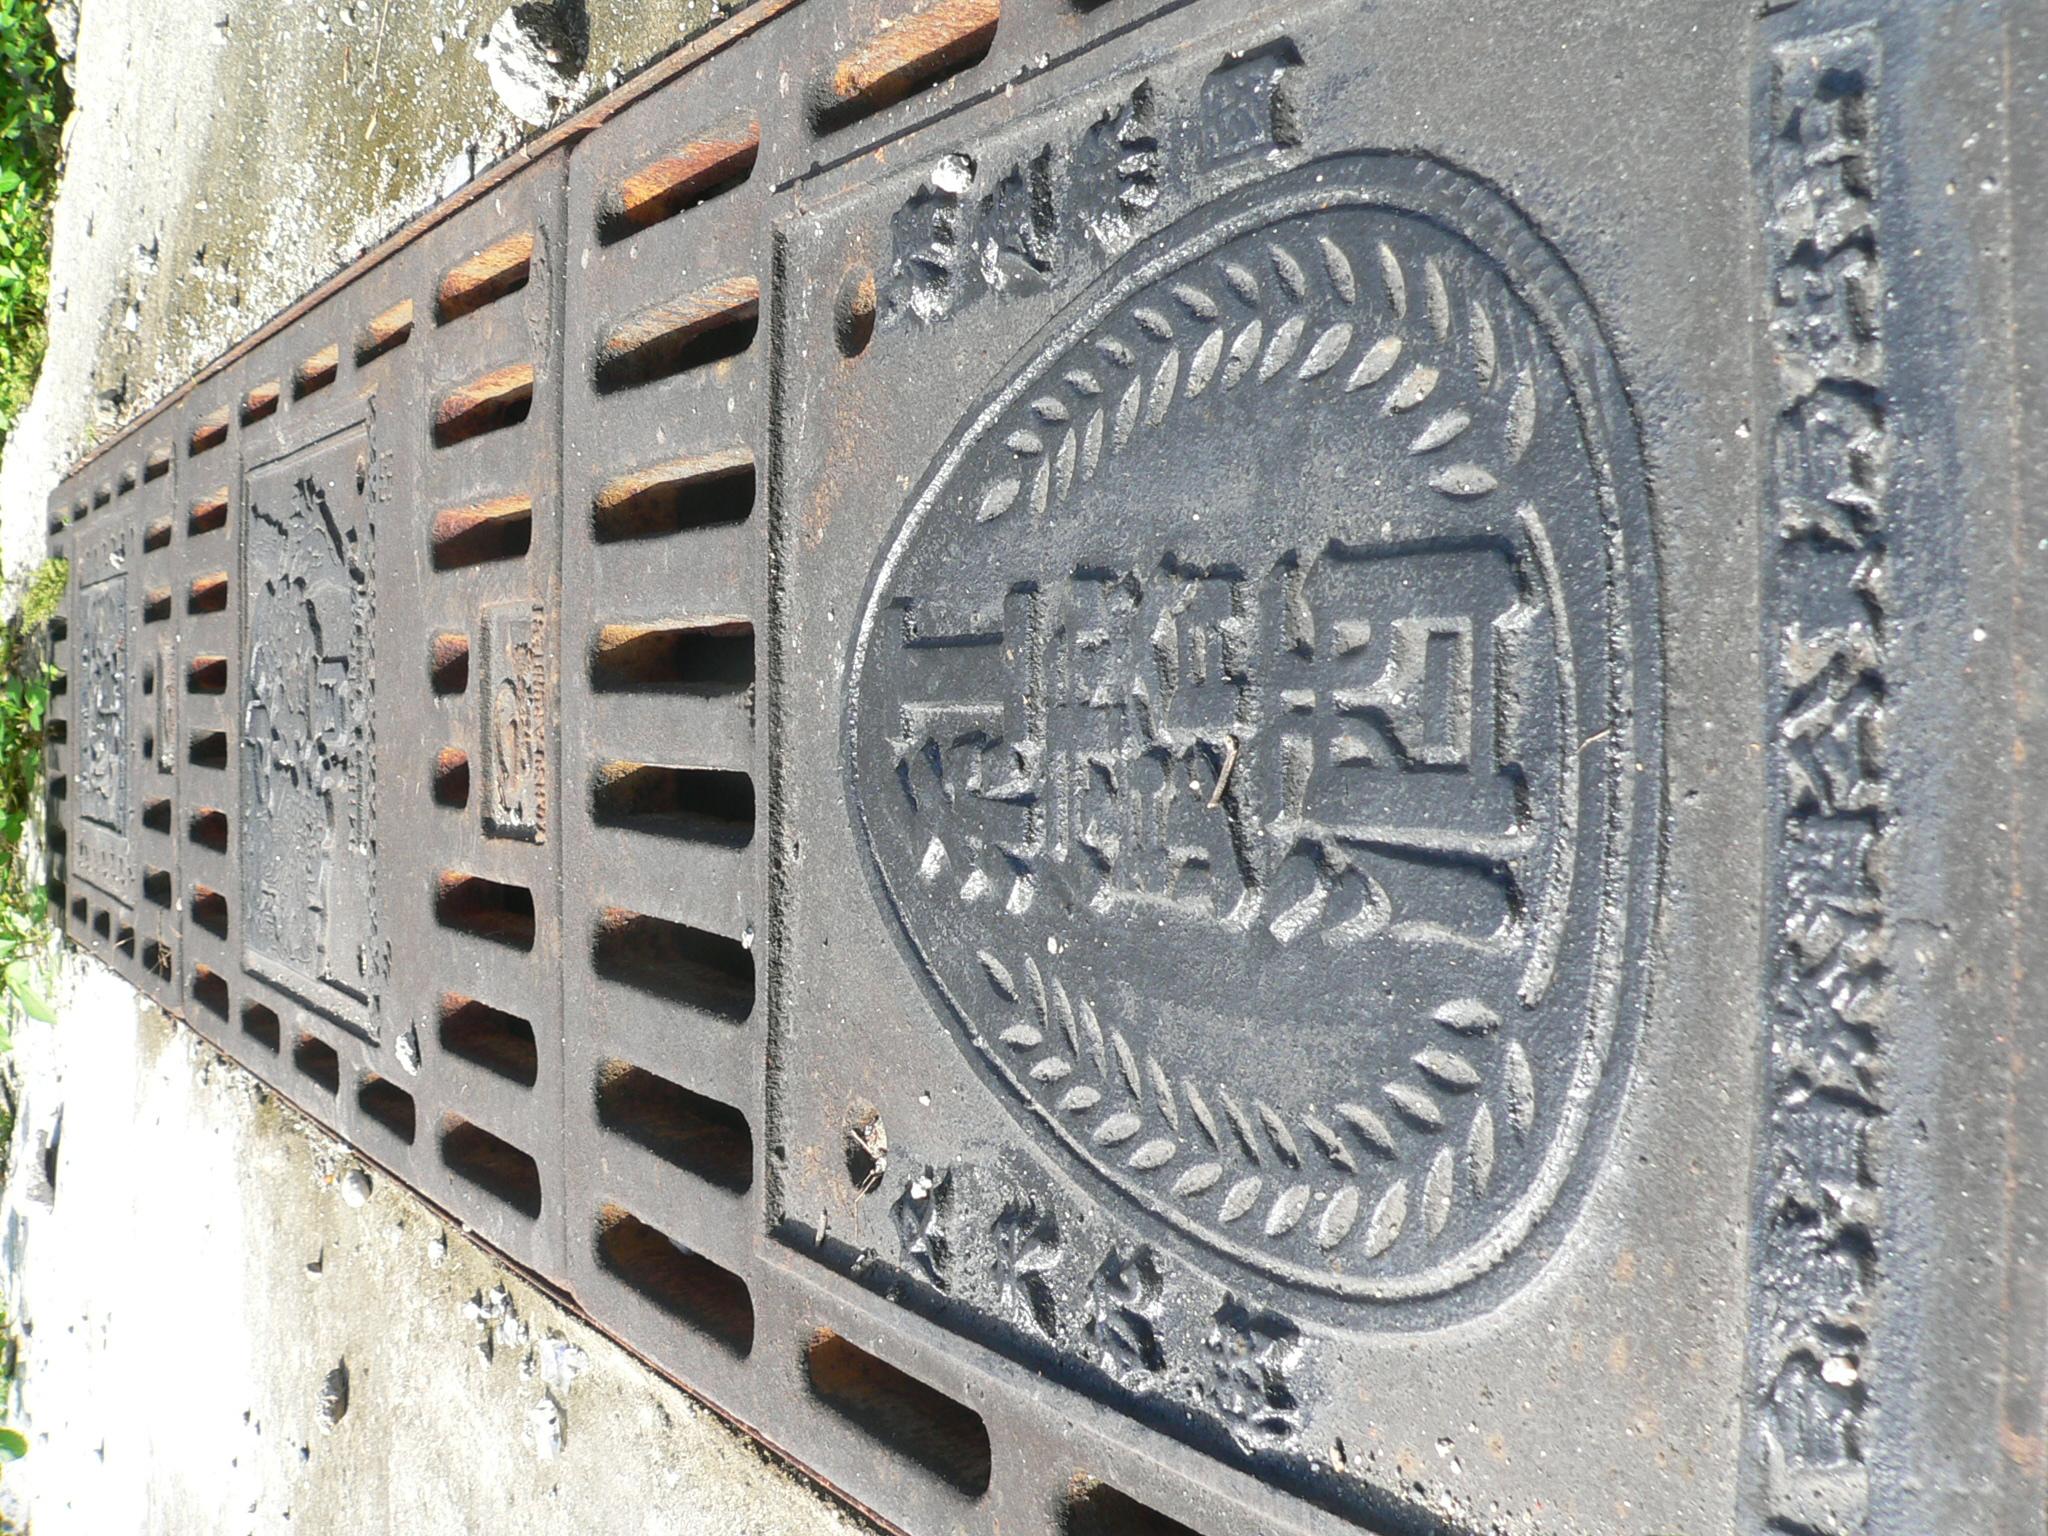 紅露酒標籤融入園區造型設計。